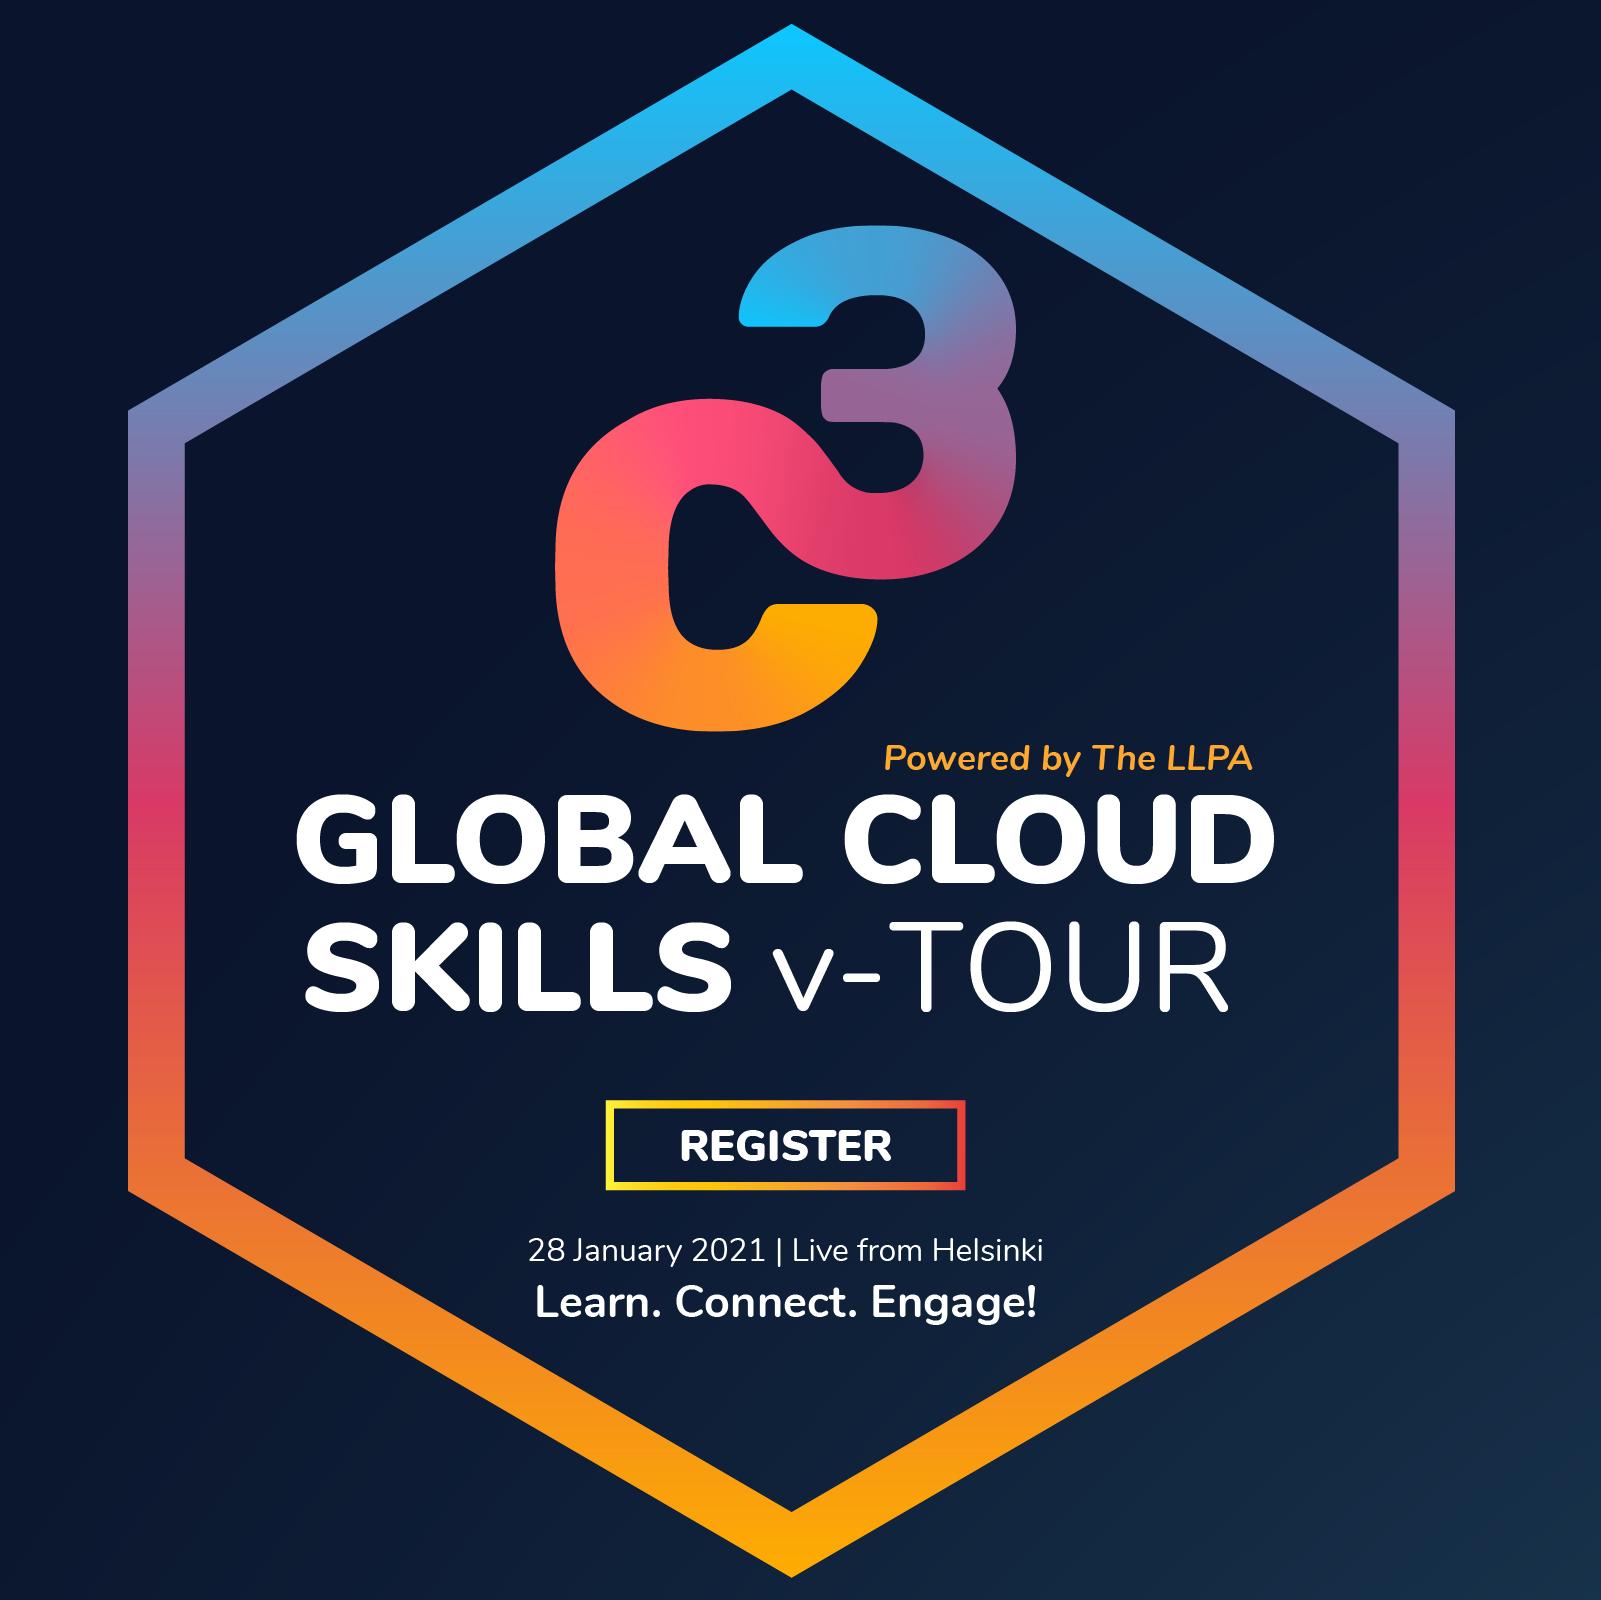 C3 Global Cloud Skills Helsinki 2021